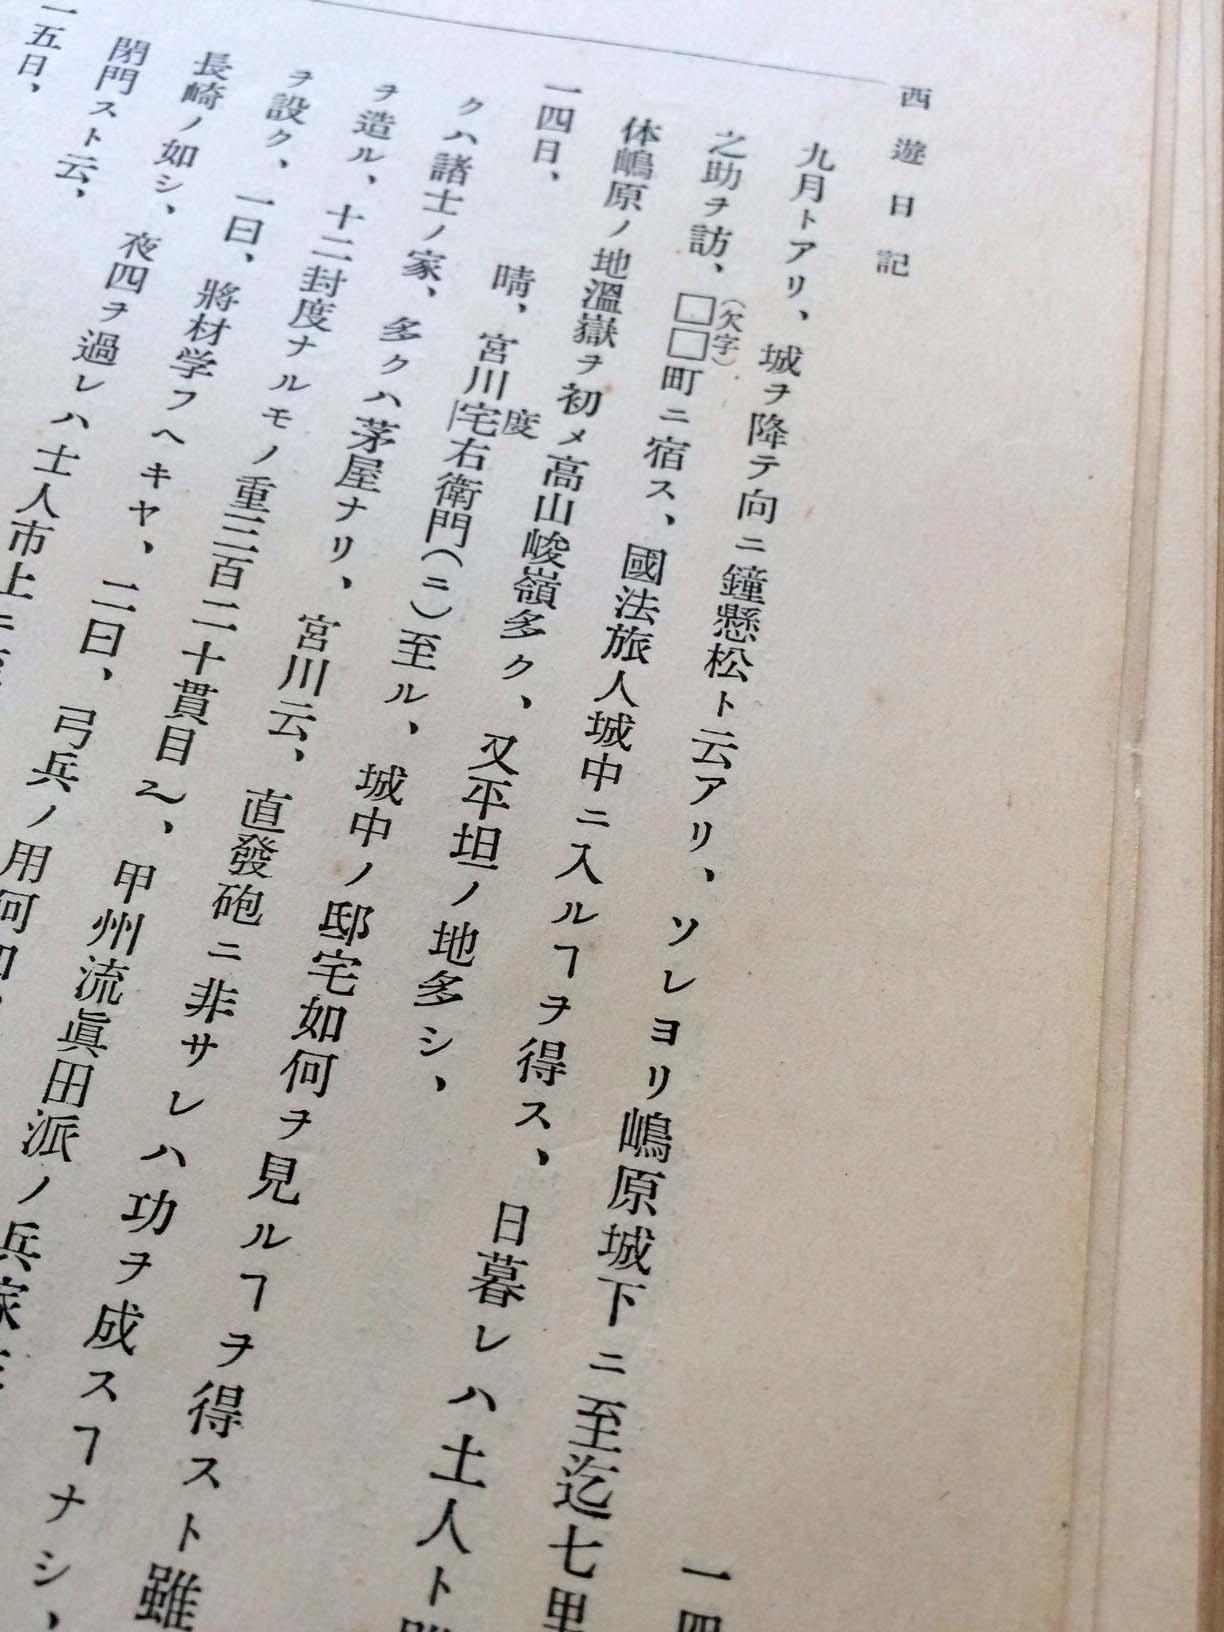 日記を書く習慣_c0052876_1111137.jpg